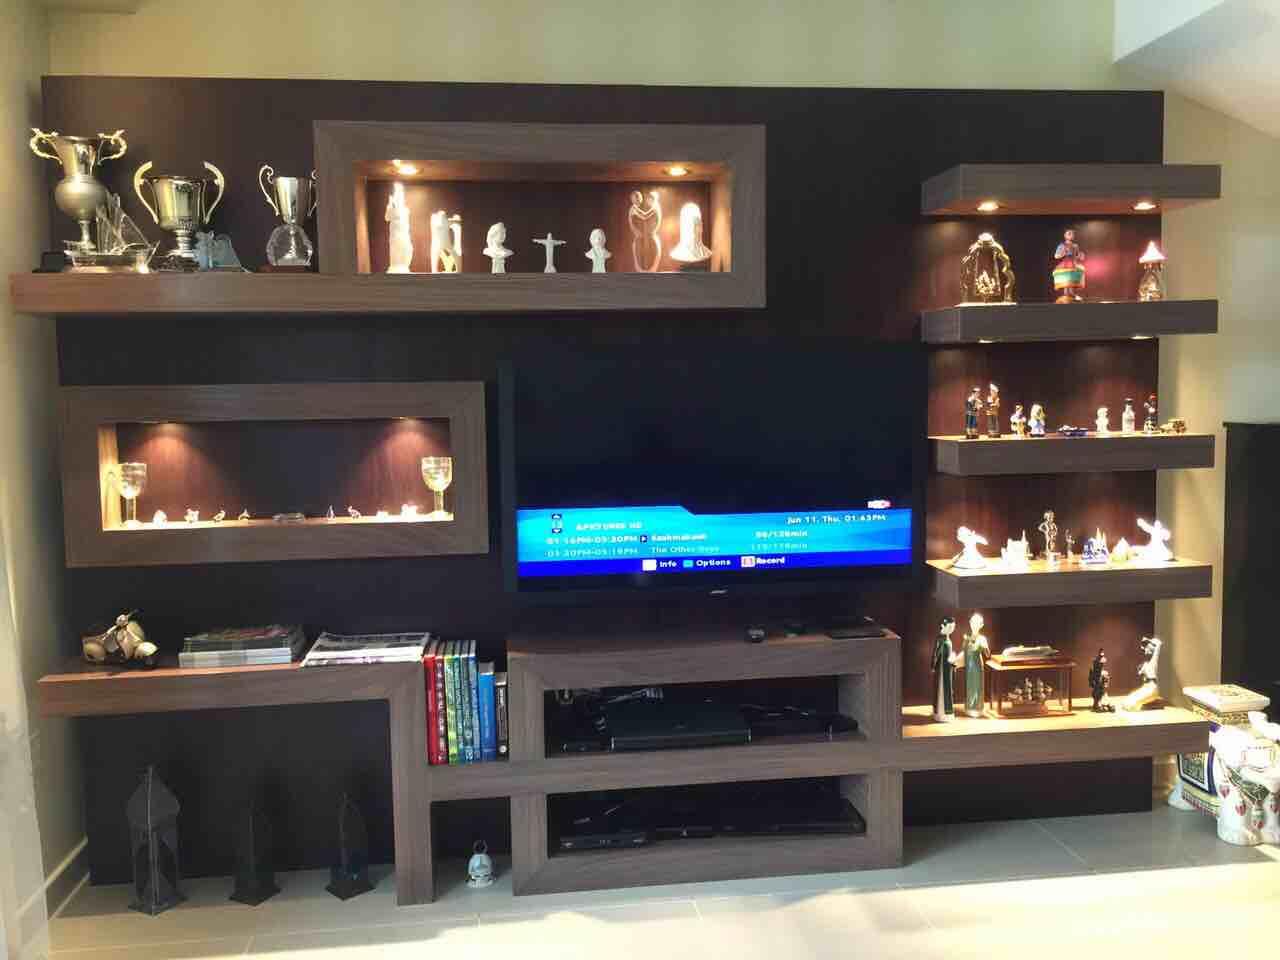 Ijc_carpentry&decor